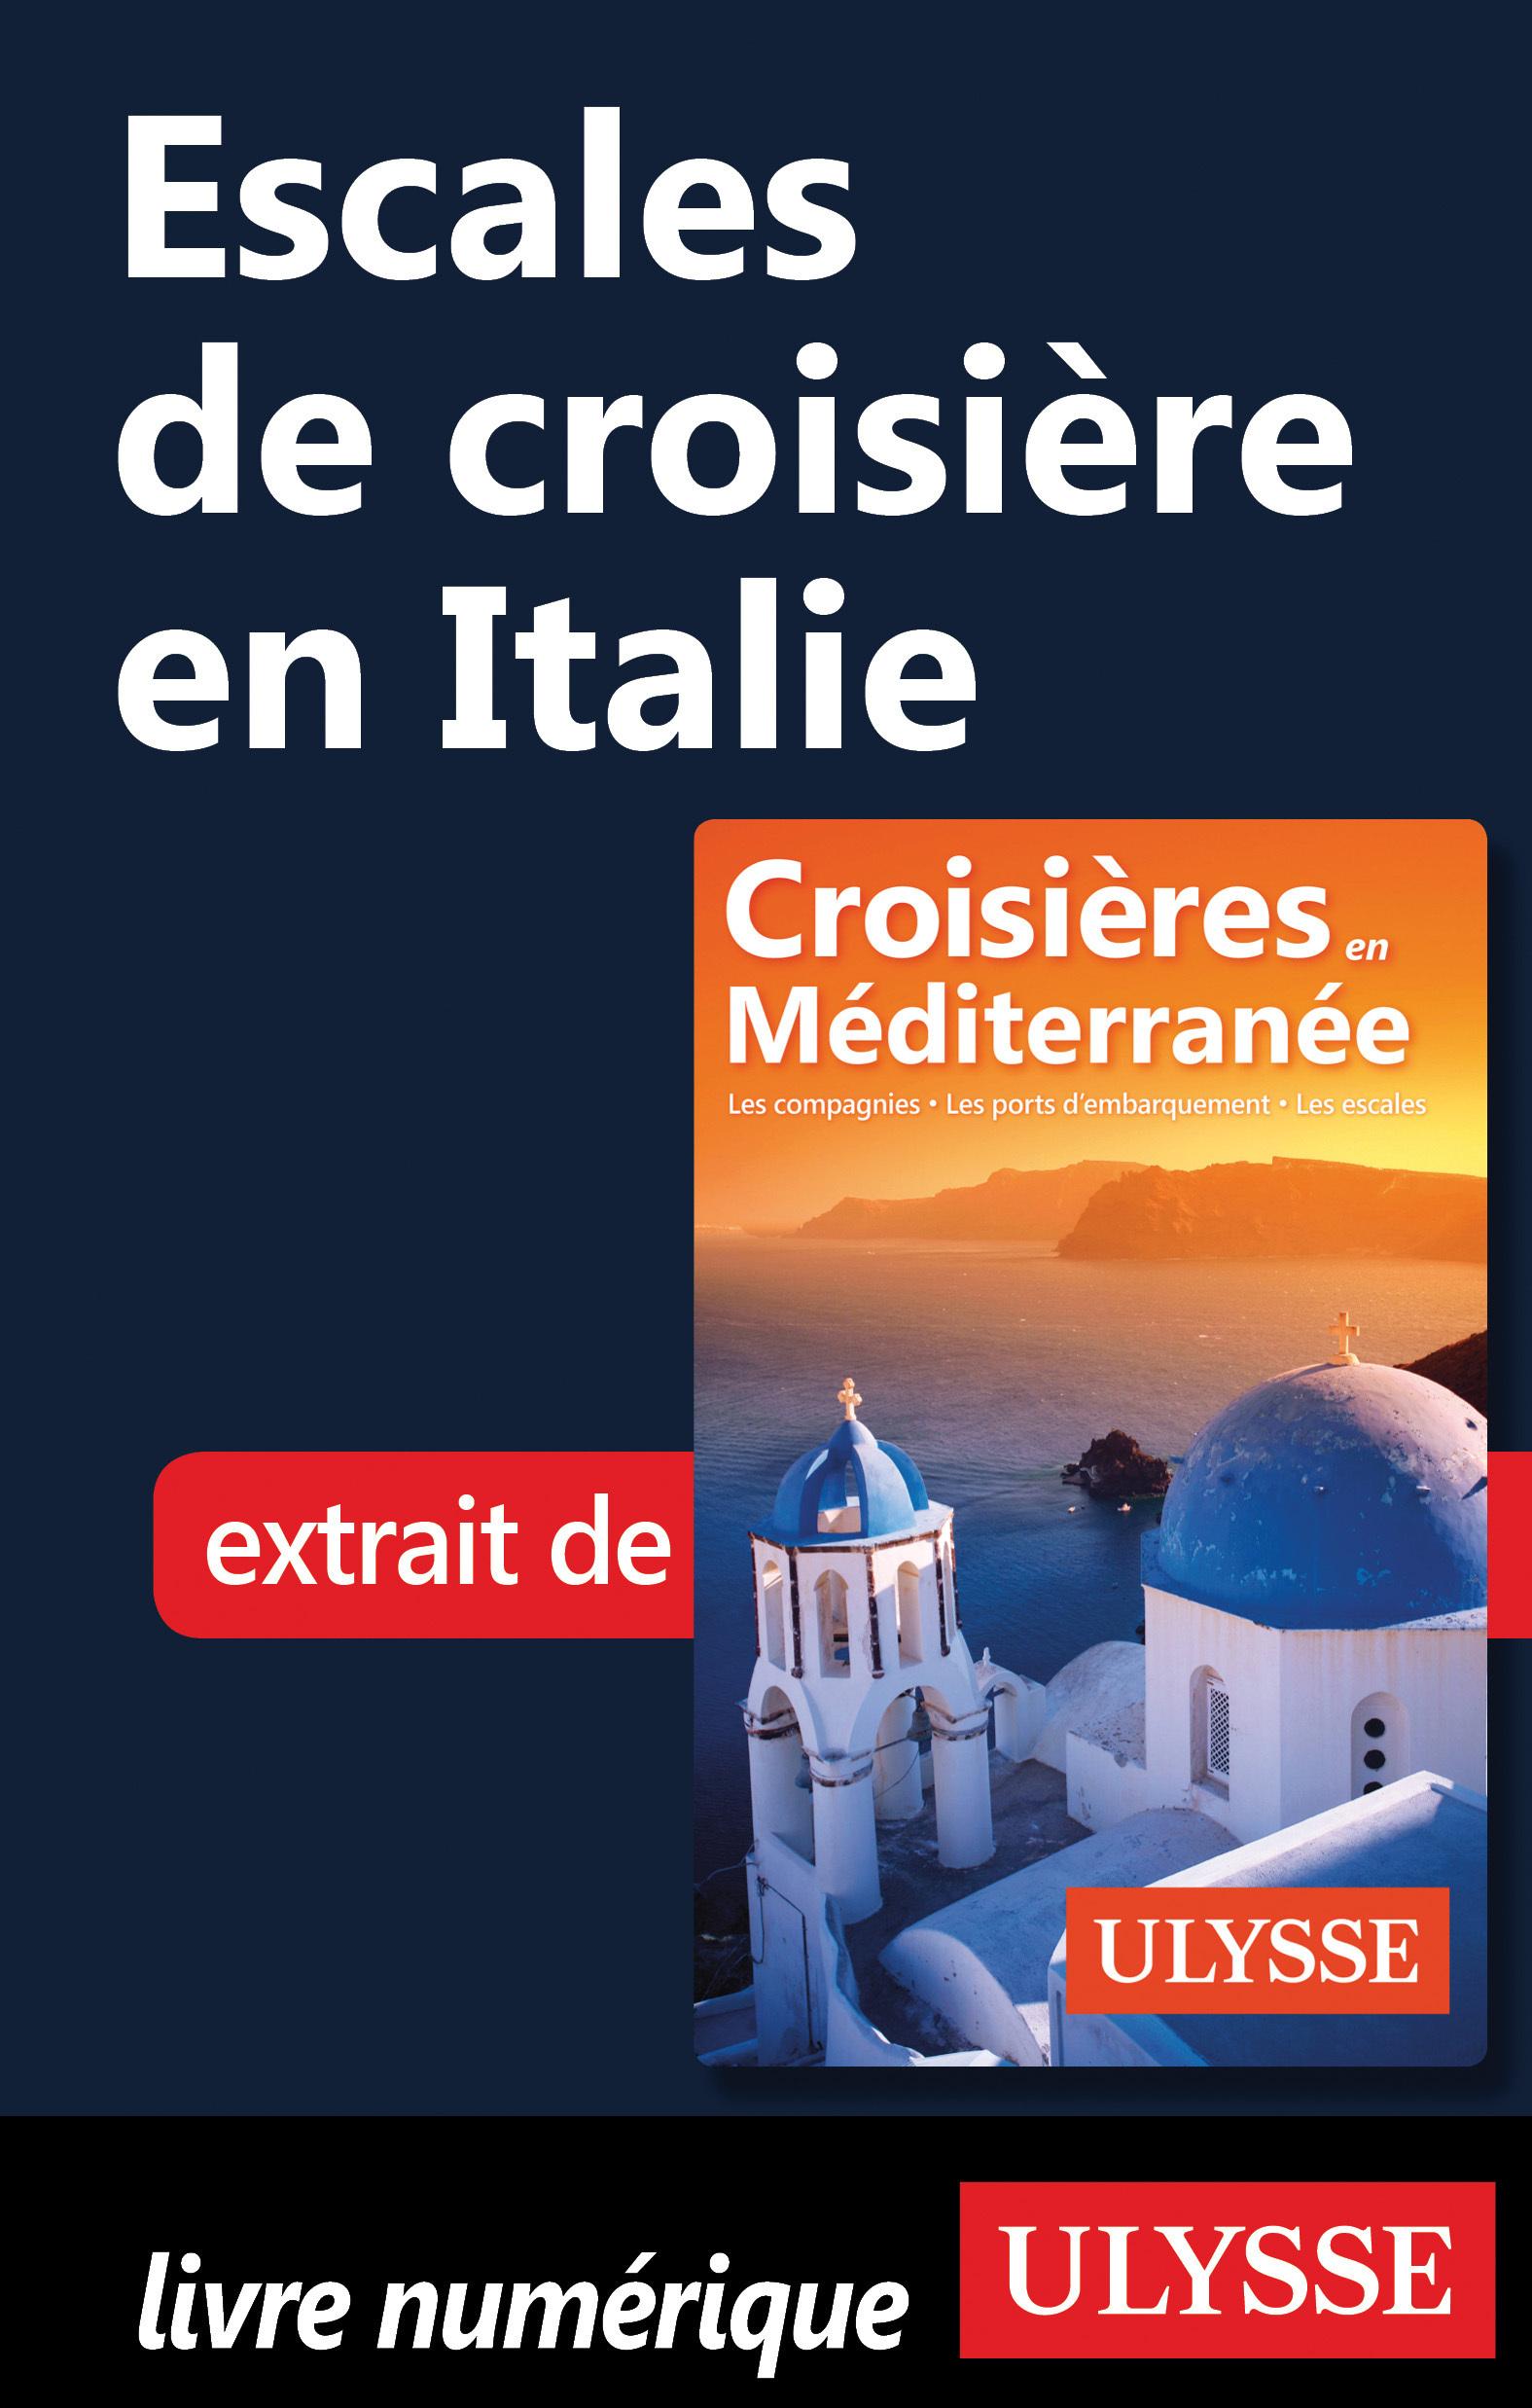 Escales de croisière en Italie